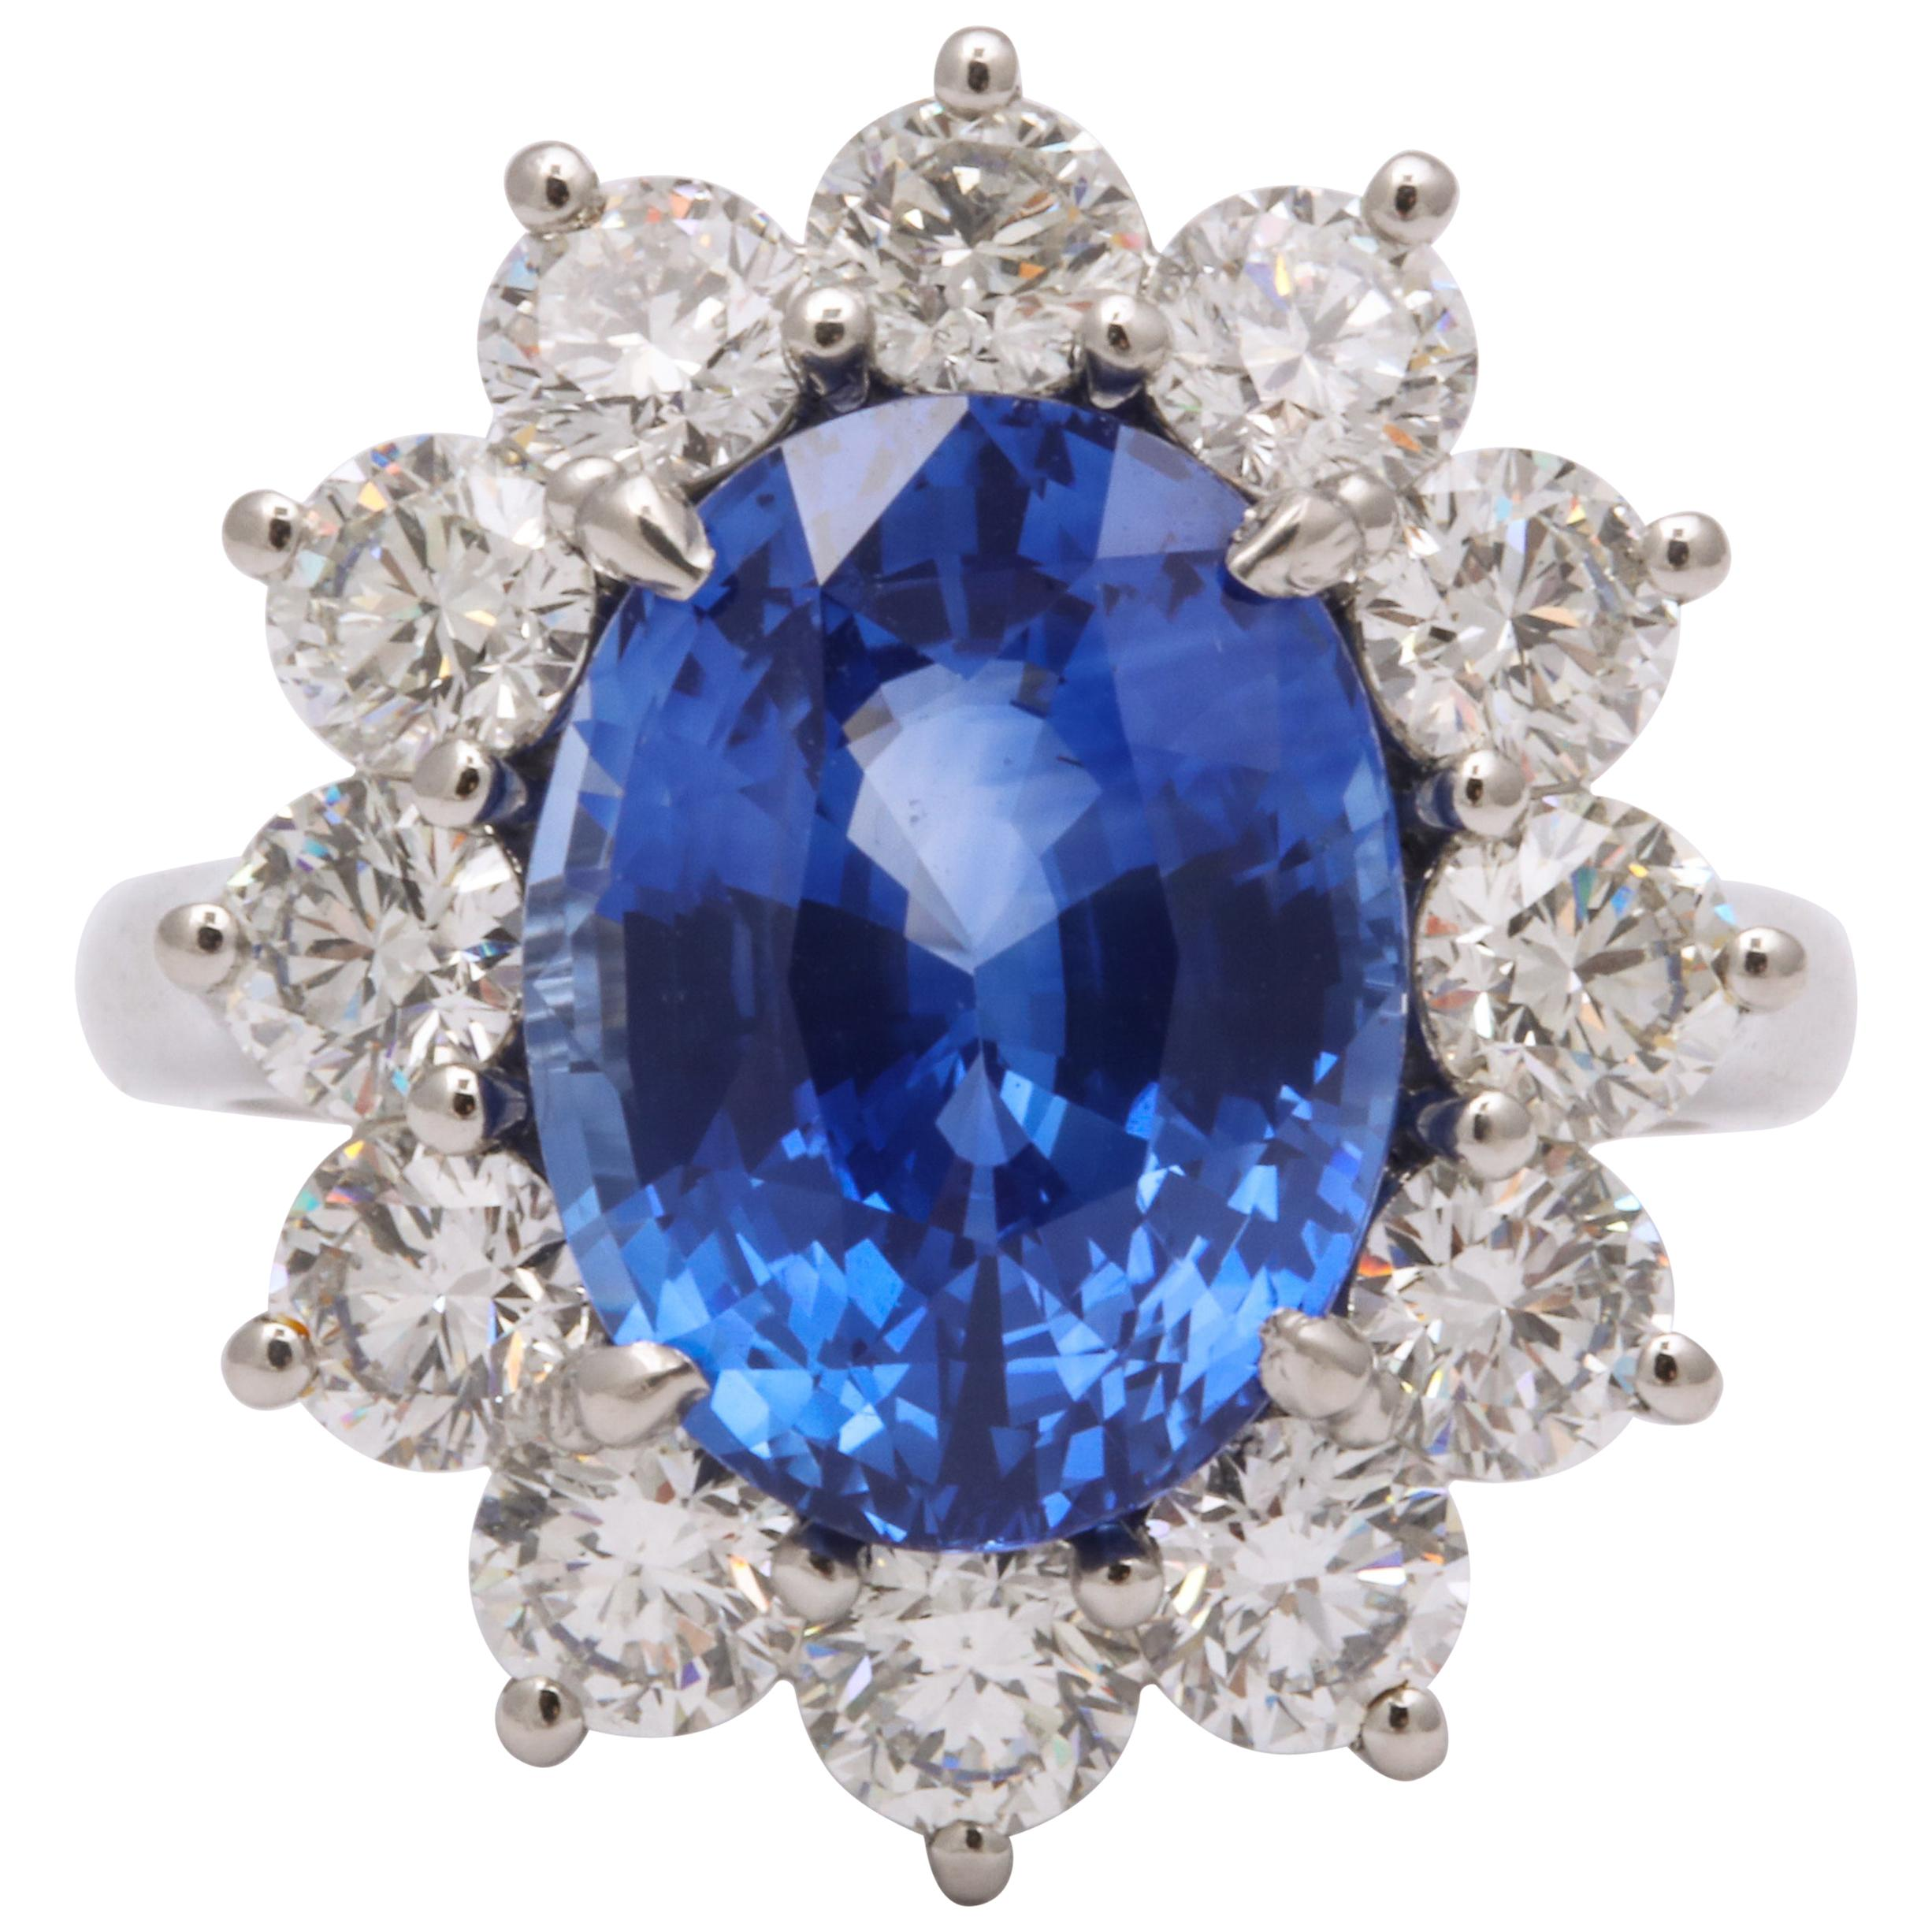 Ceylon Blue Sapphire and Diamond Ring